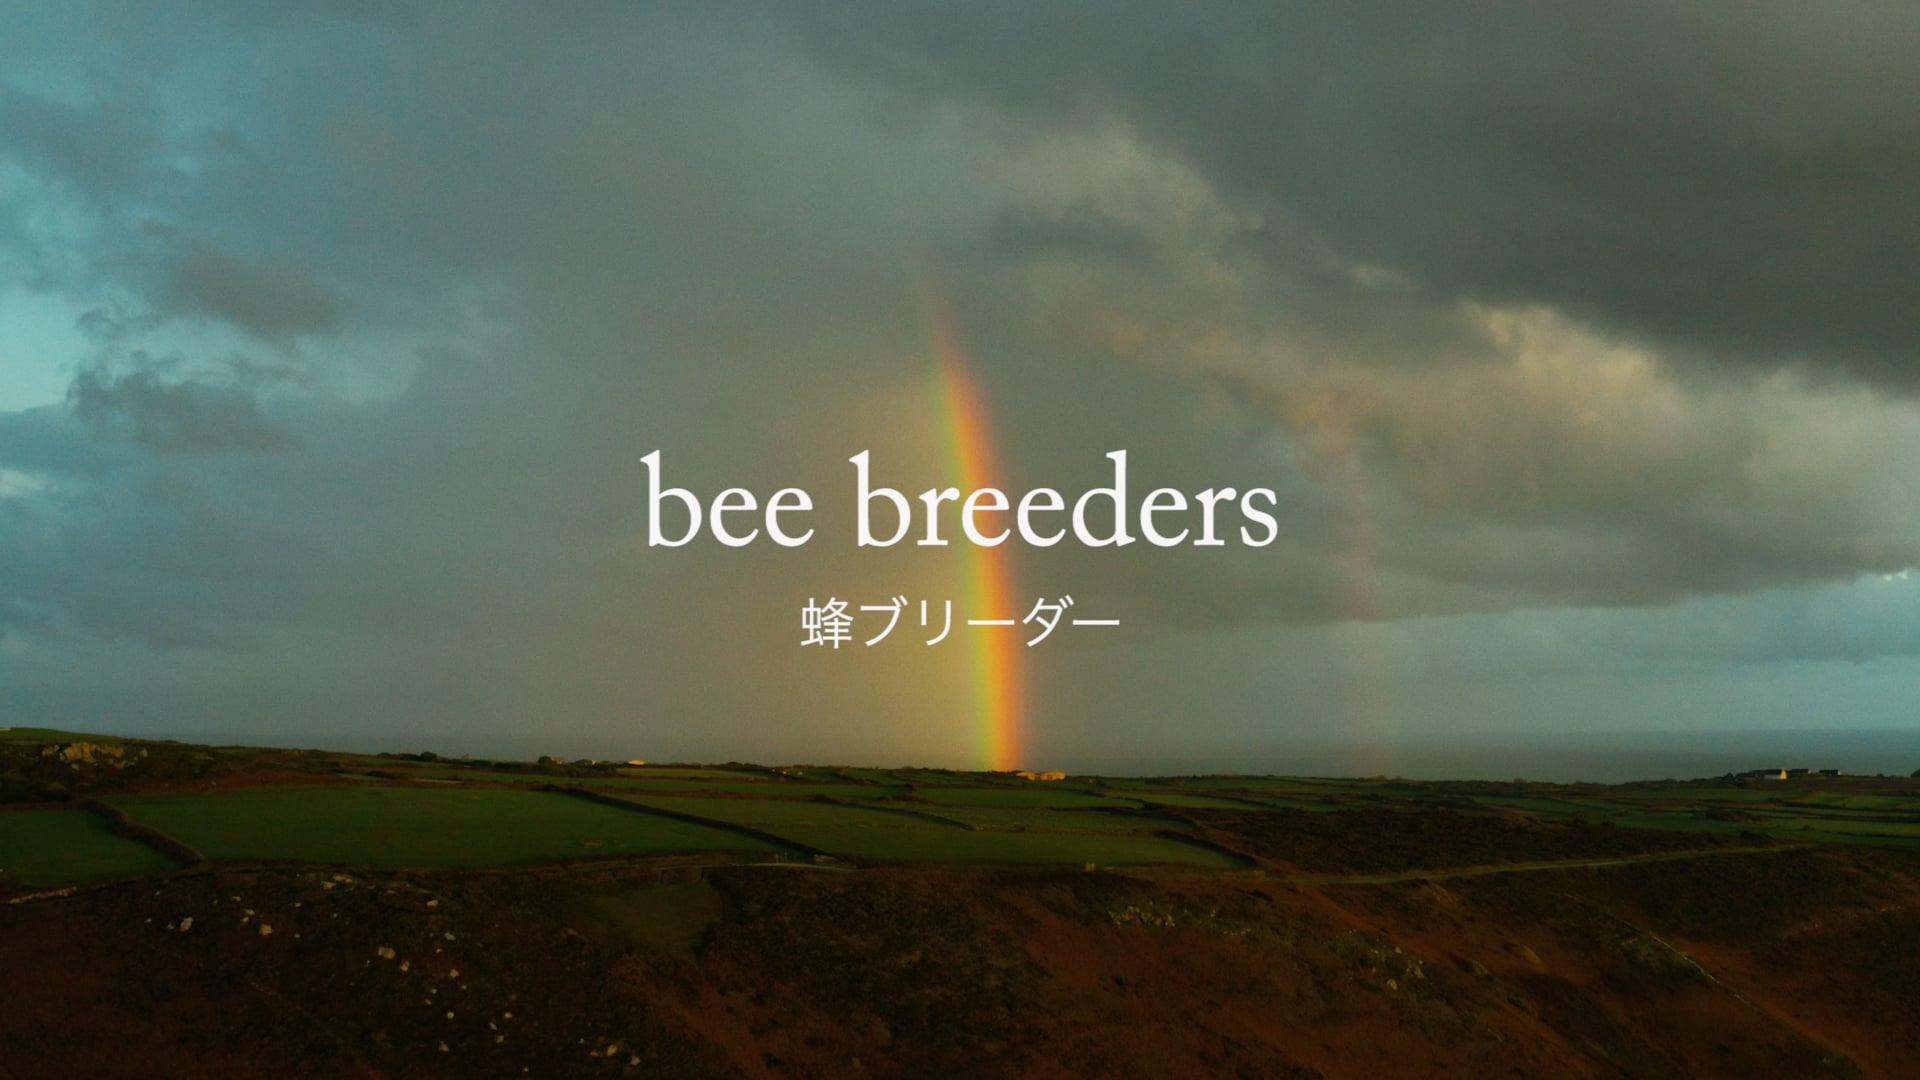 bee breeders